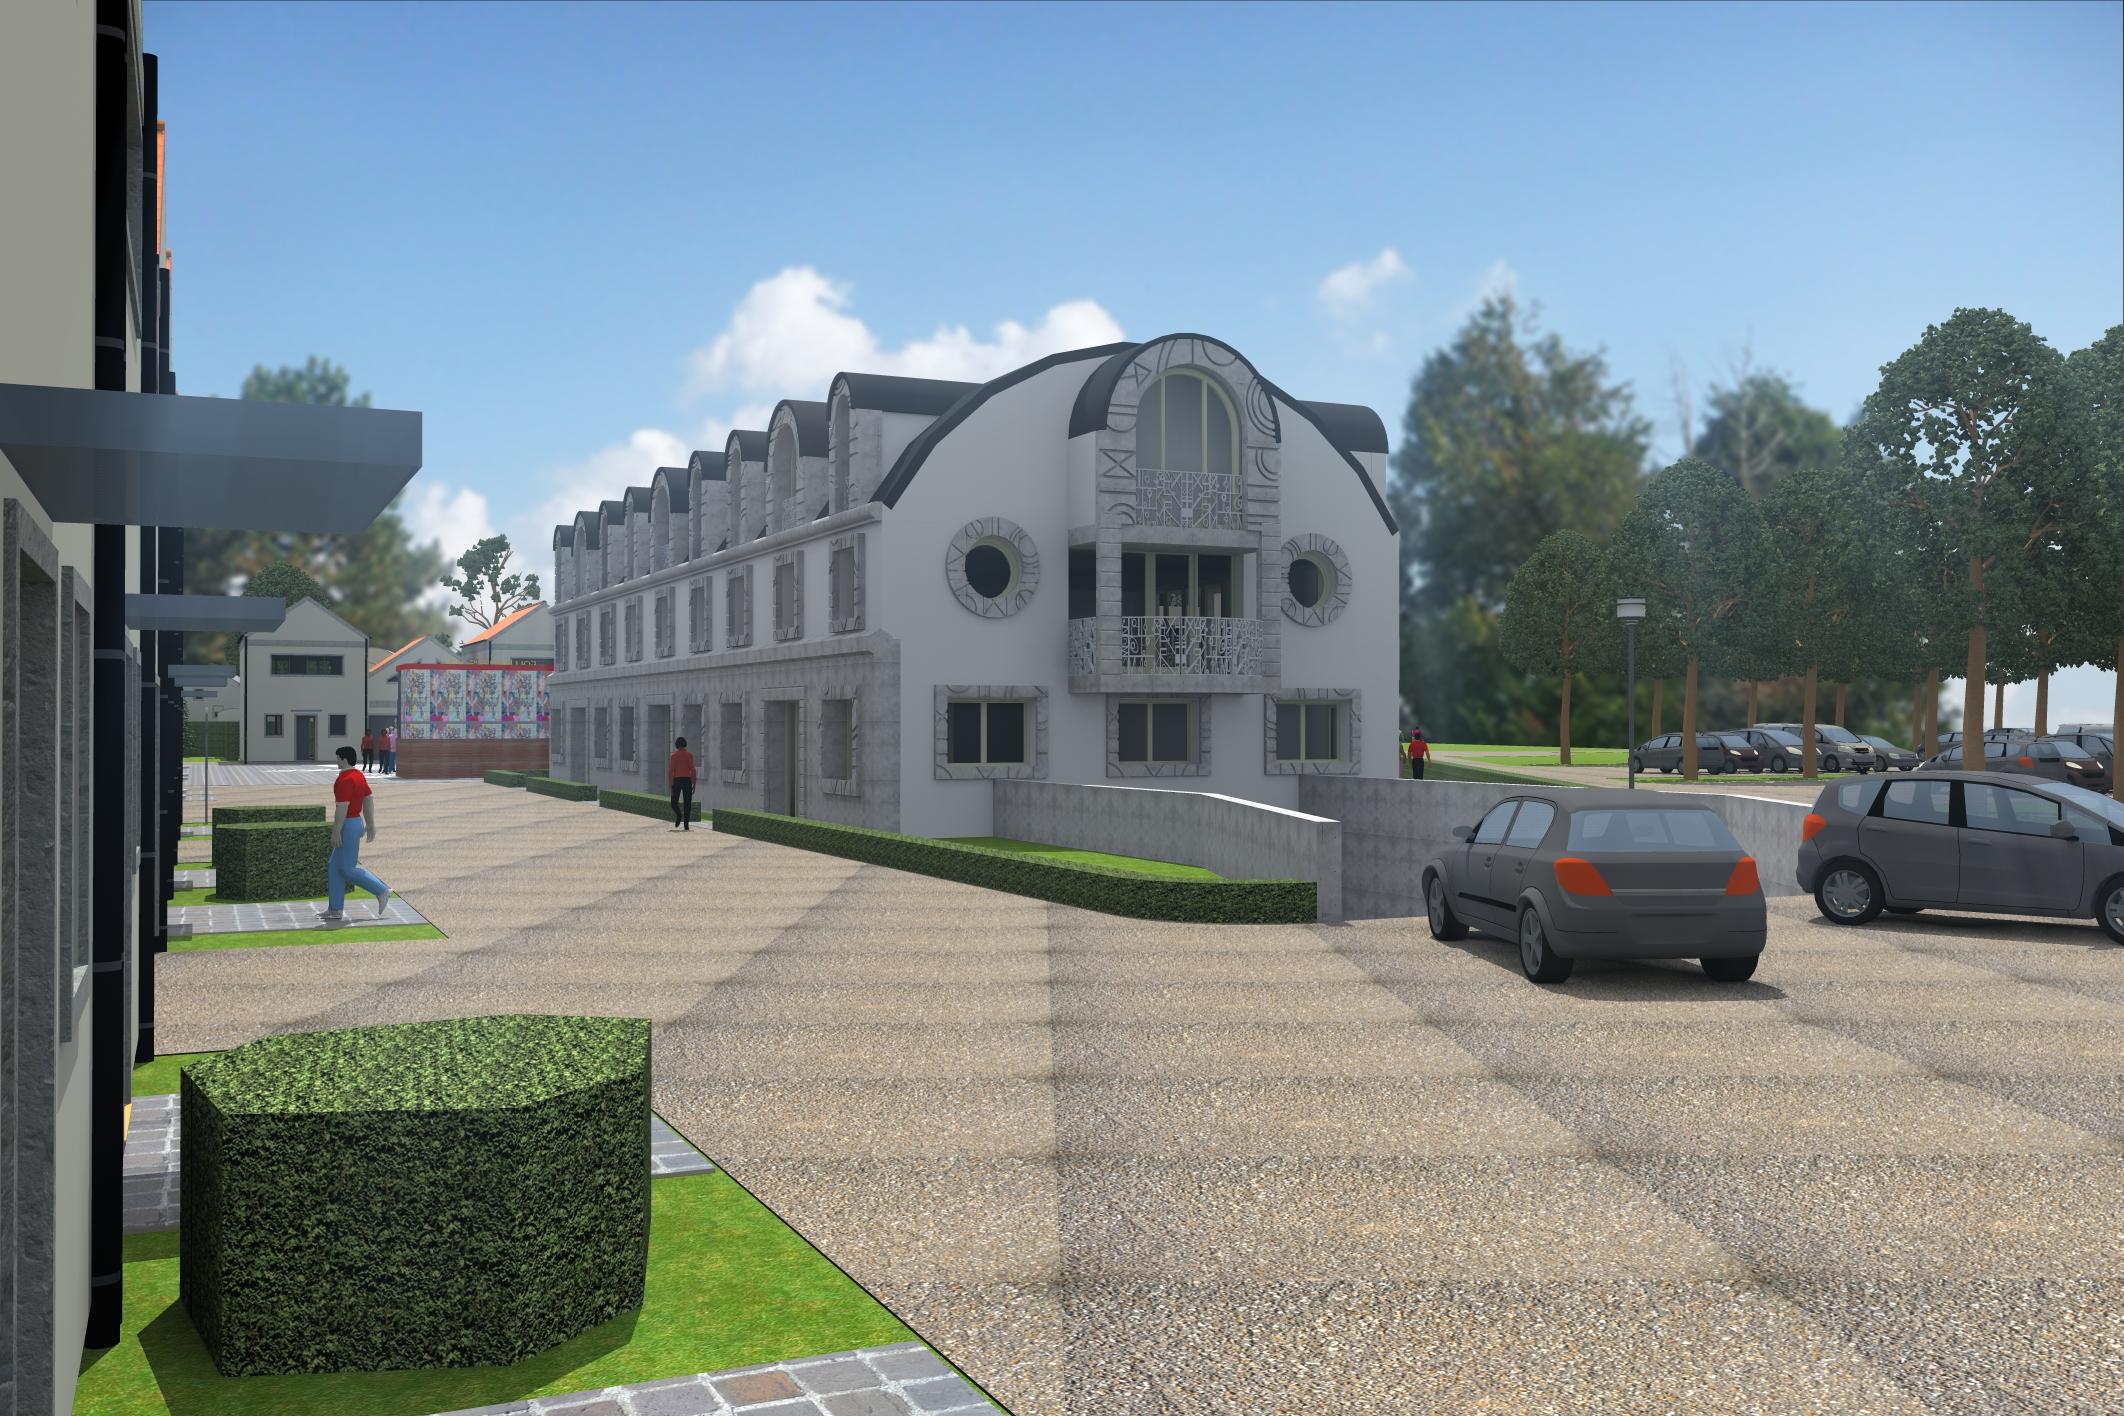 Image Principale - Aménagement d'un quartier sur les hauts de Grignon